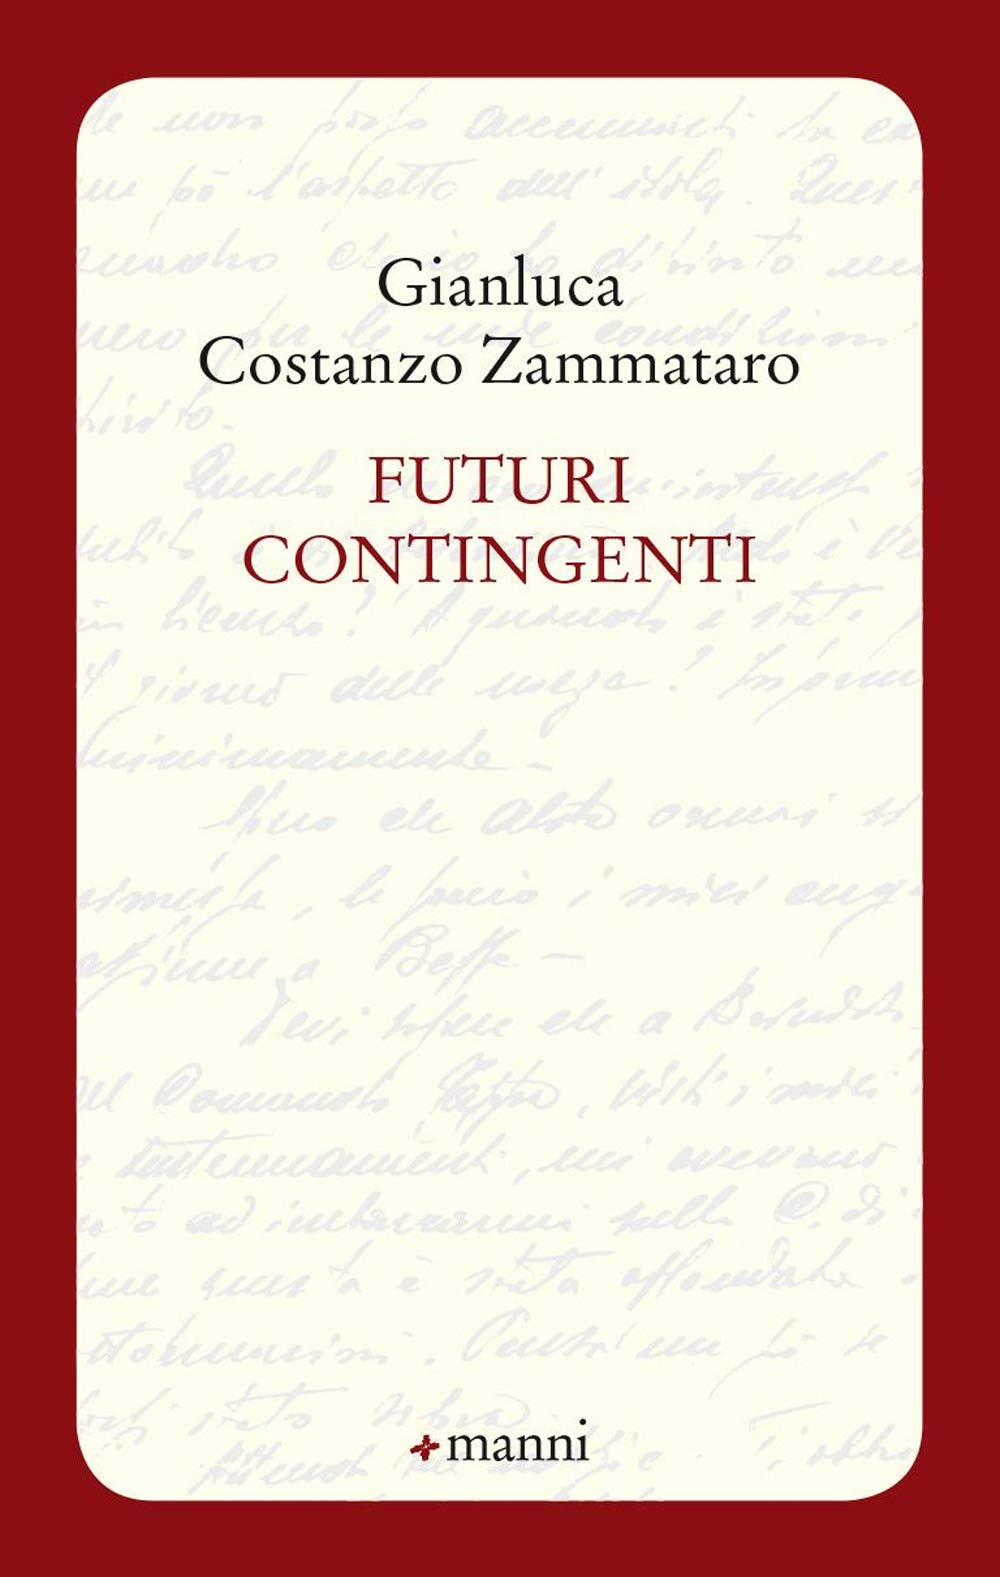 Futuri contingenti - Gianluca C. Zammataro